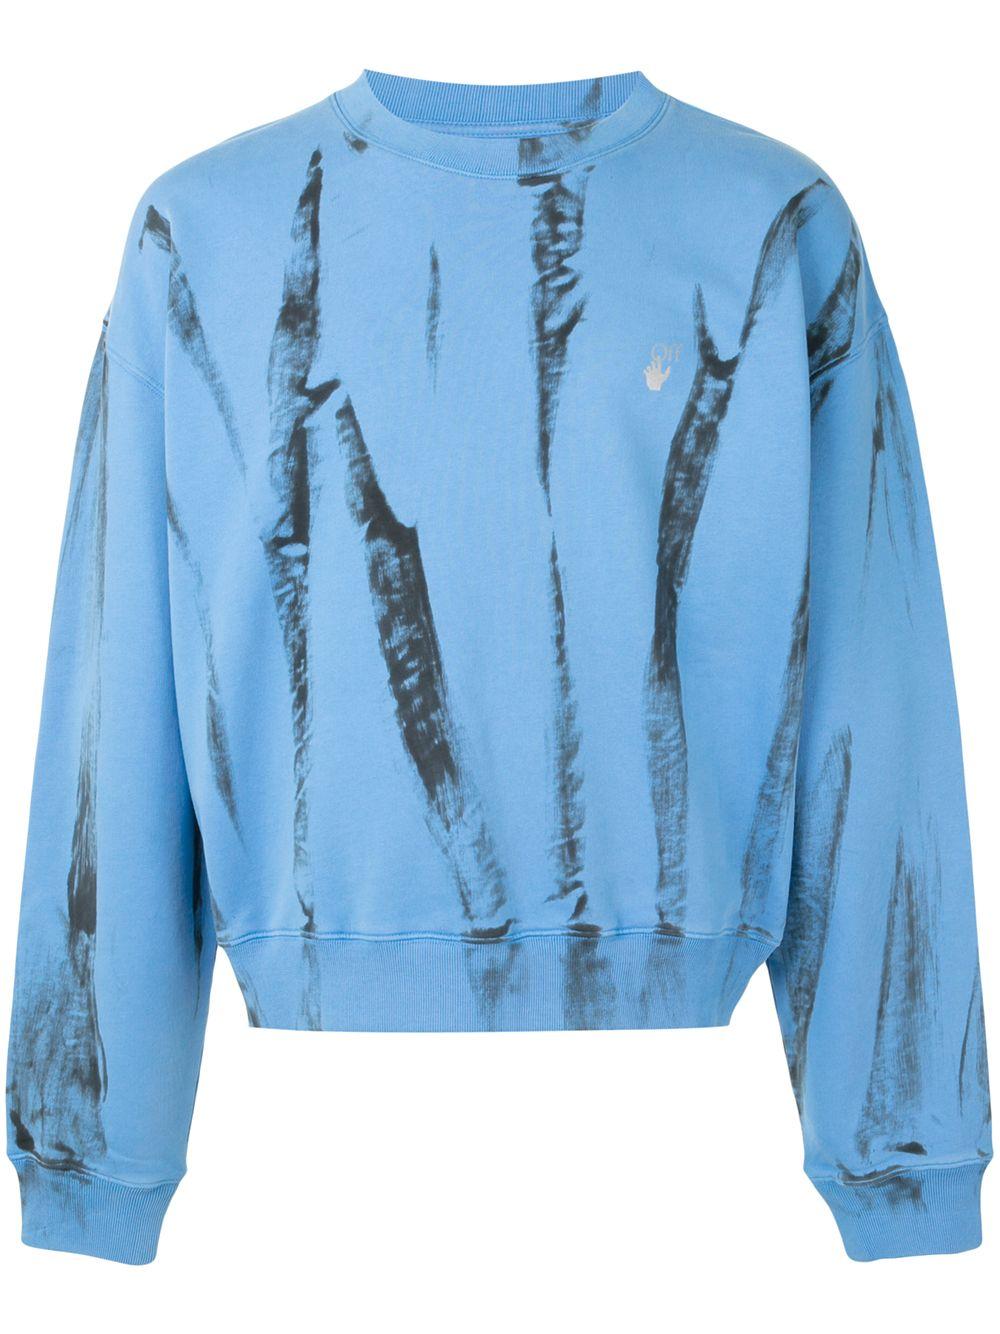 Off-White reflective Arrows tie-dye sweatshirt - Blau